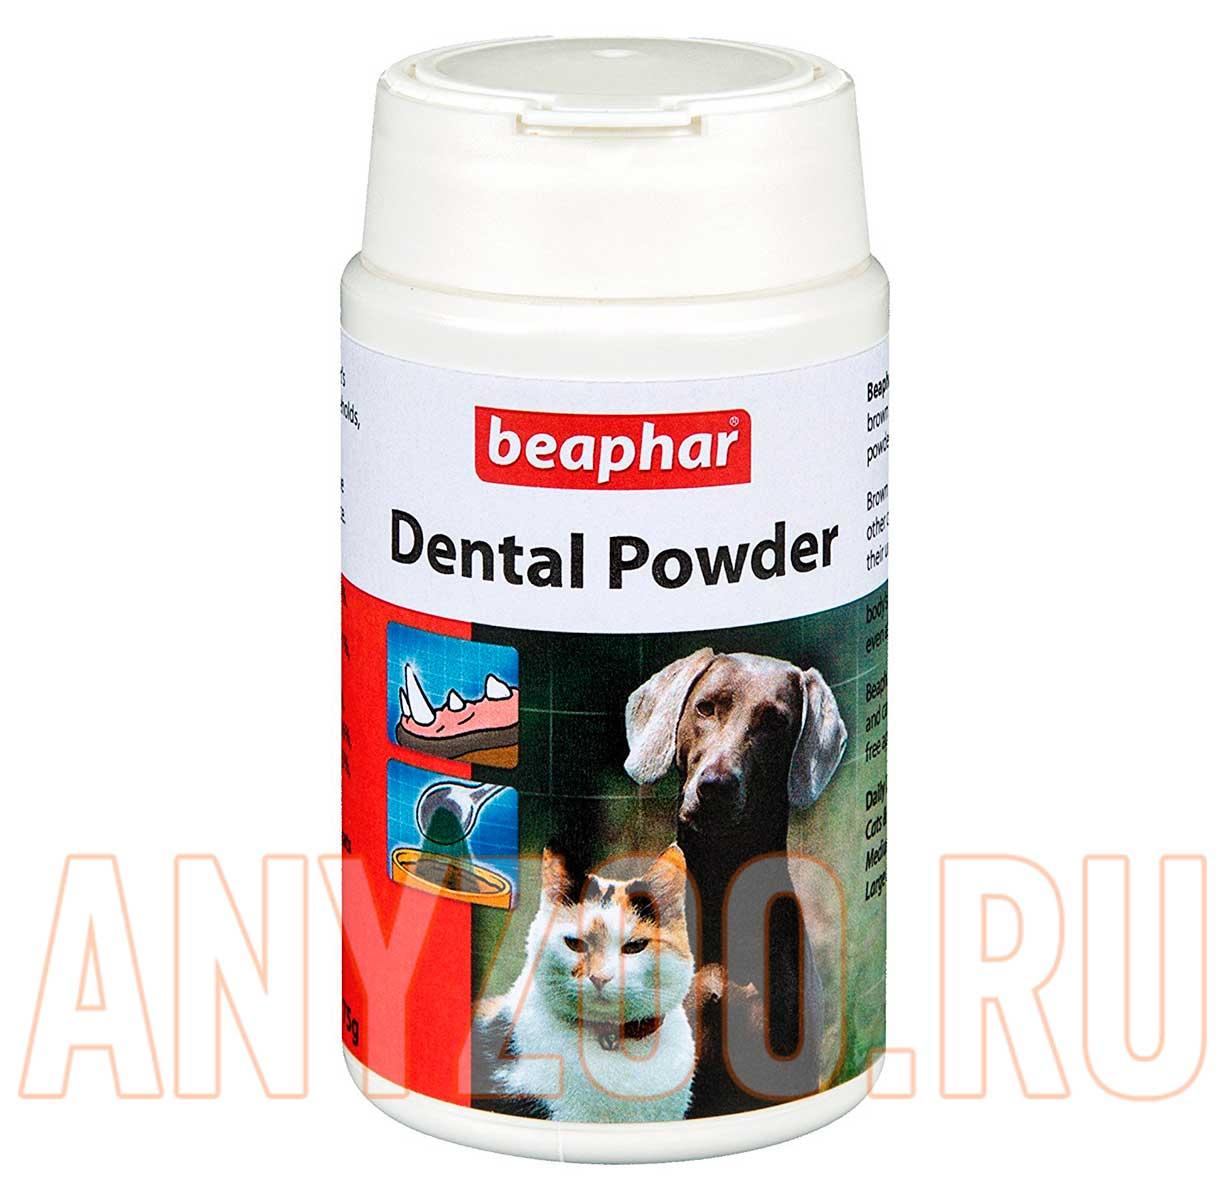 спрей от запаха из пасти для собак